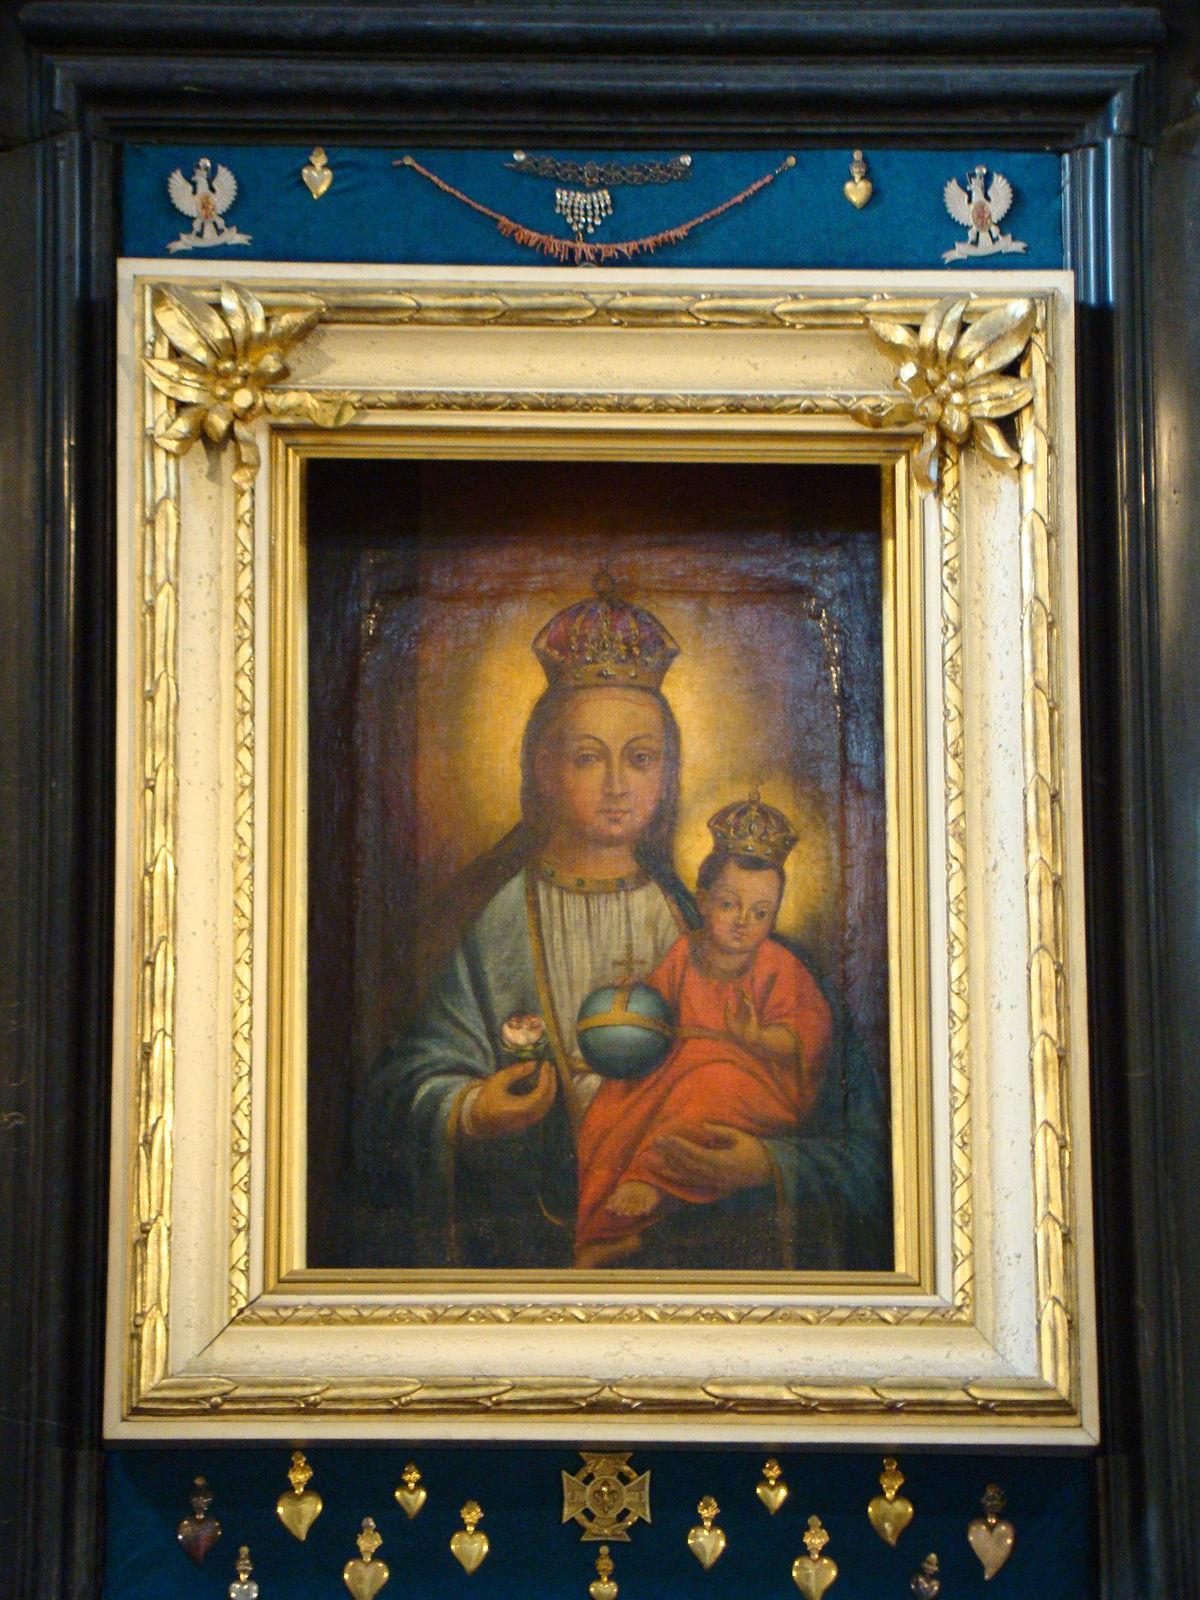 Obraz Matki Boskiej Czortkowskiej Wikipedia Wolna